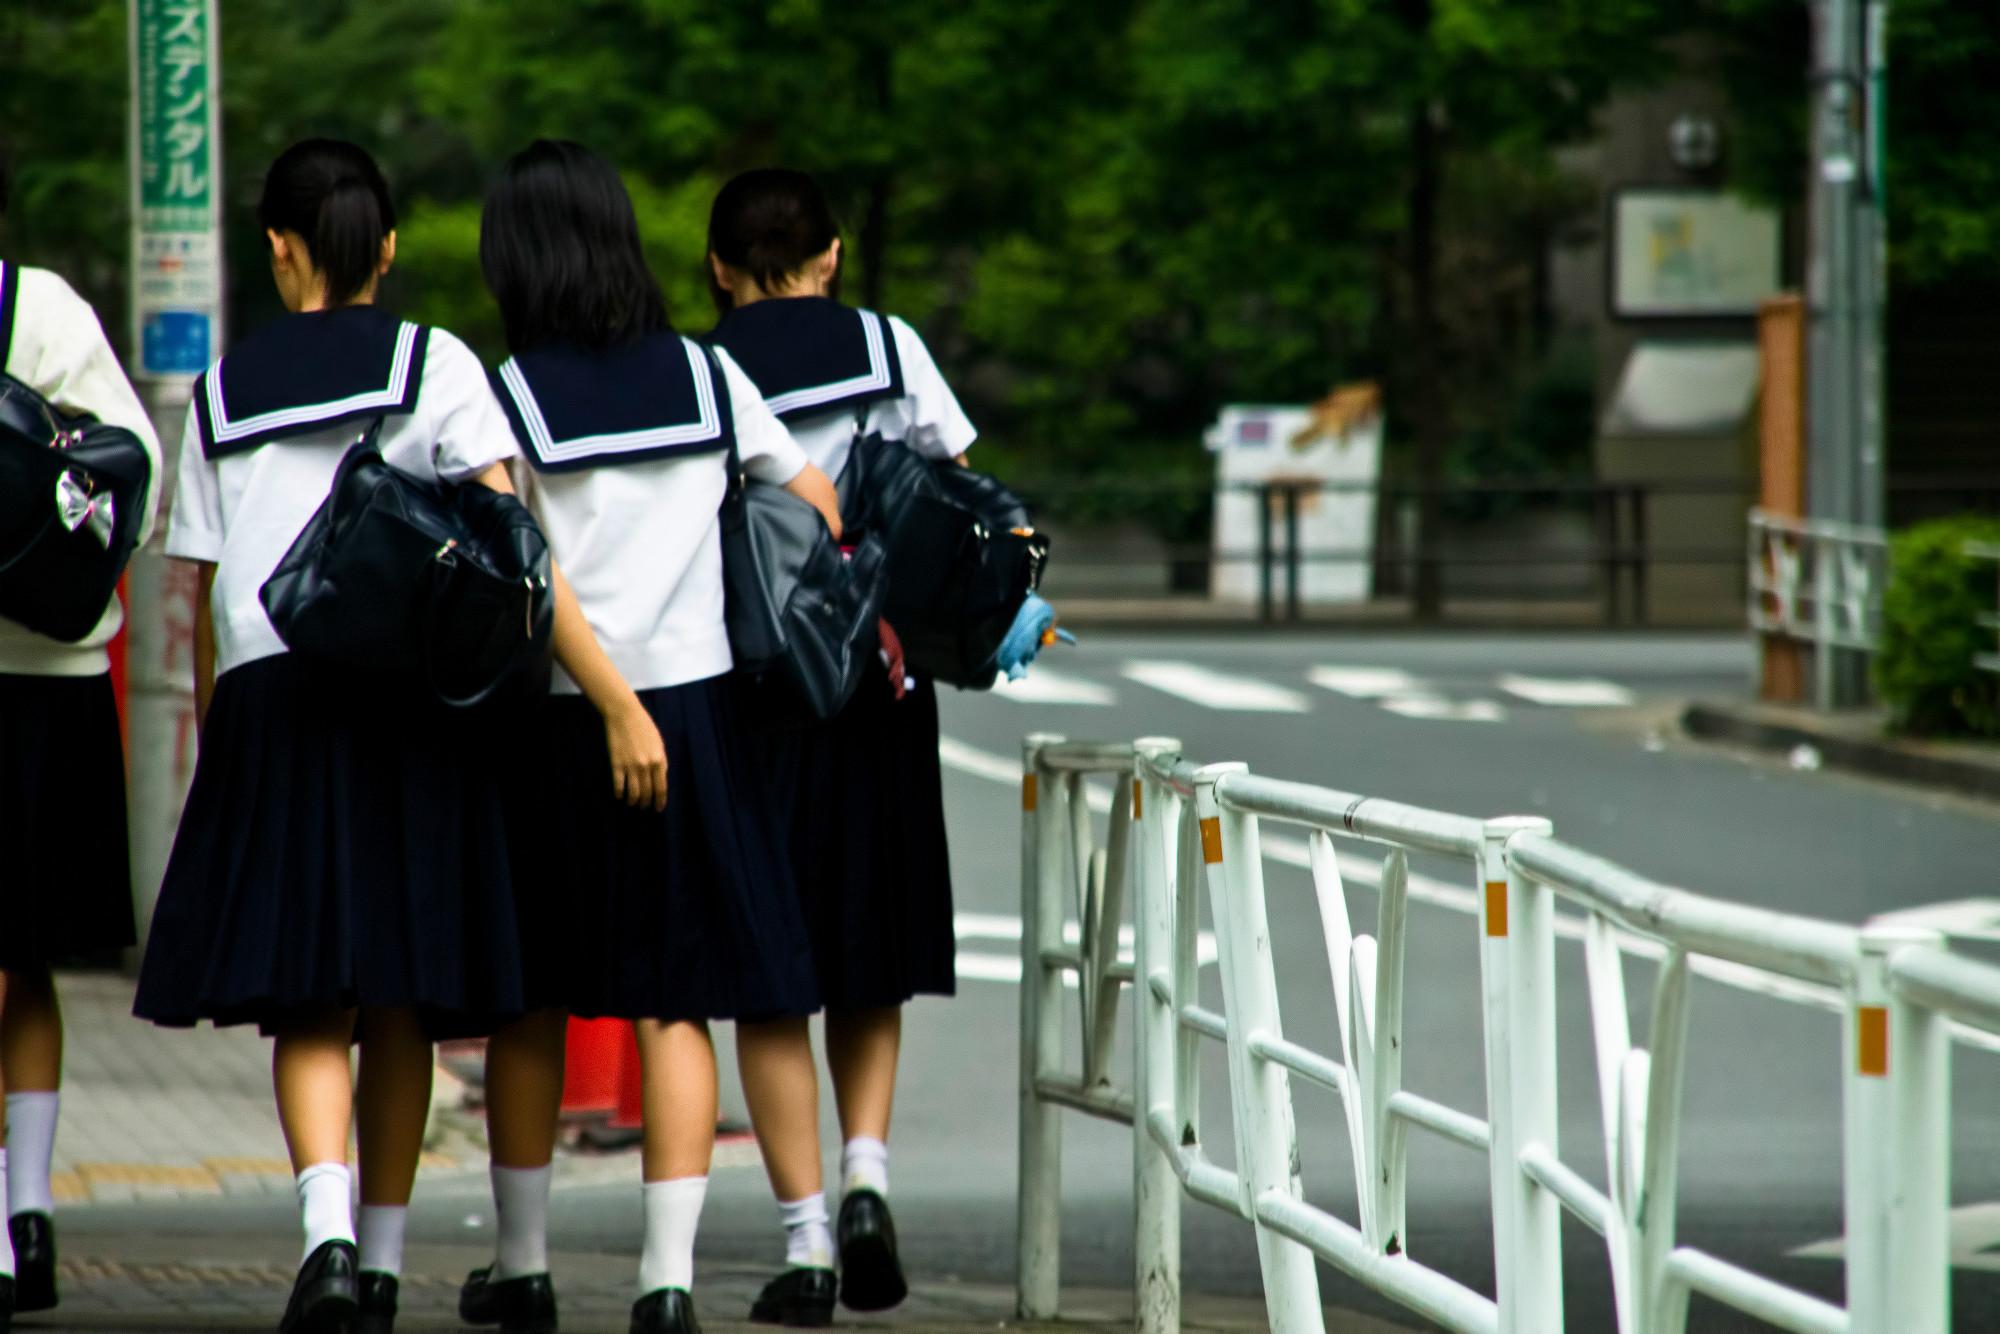 いじめや不登校が急増する「中1ギャップ」-学制改革・小中一貫教育で本当に解消できるのか?